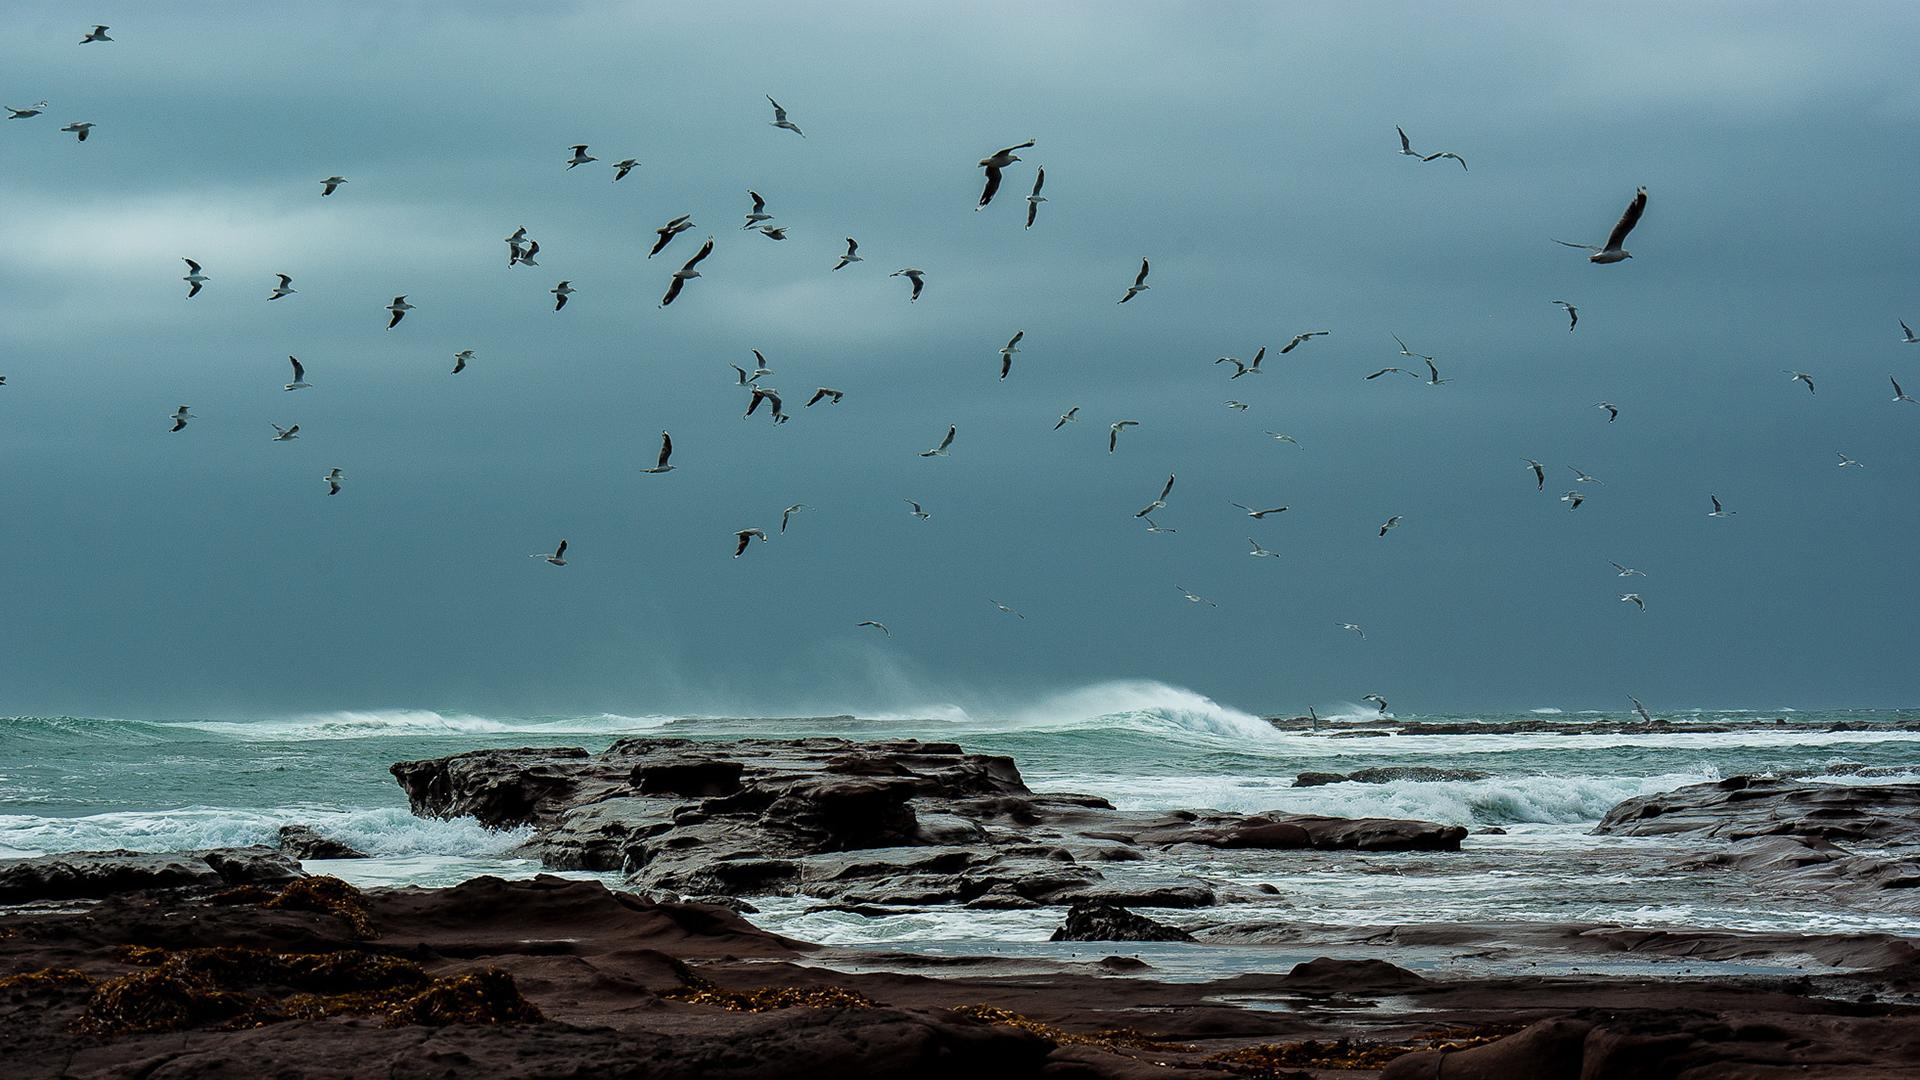 Sea Storm Wallpaper 6809018 1920x1080